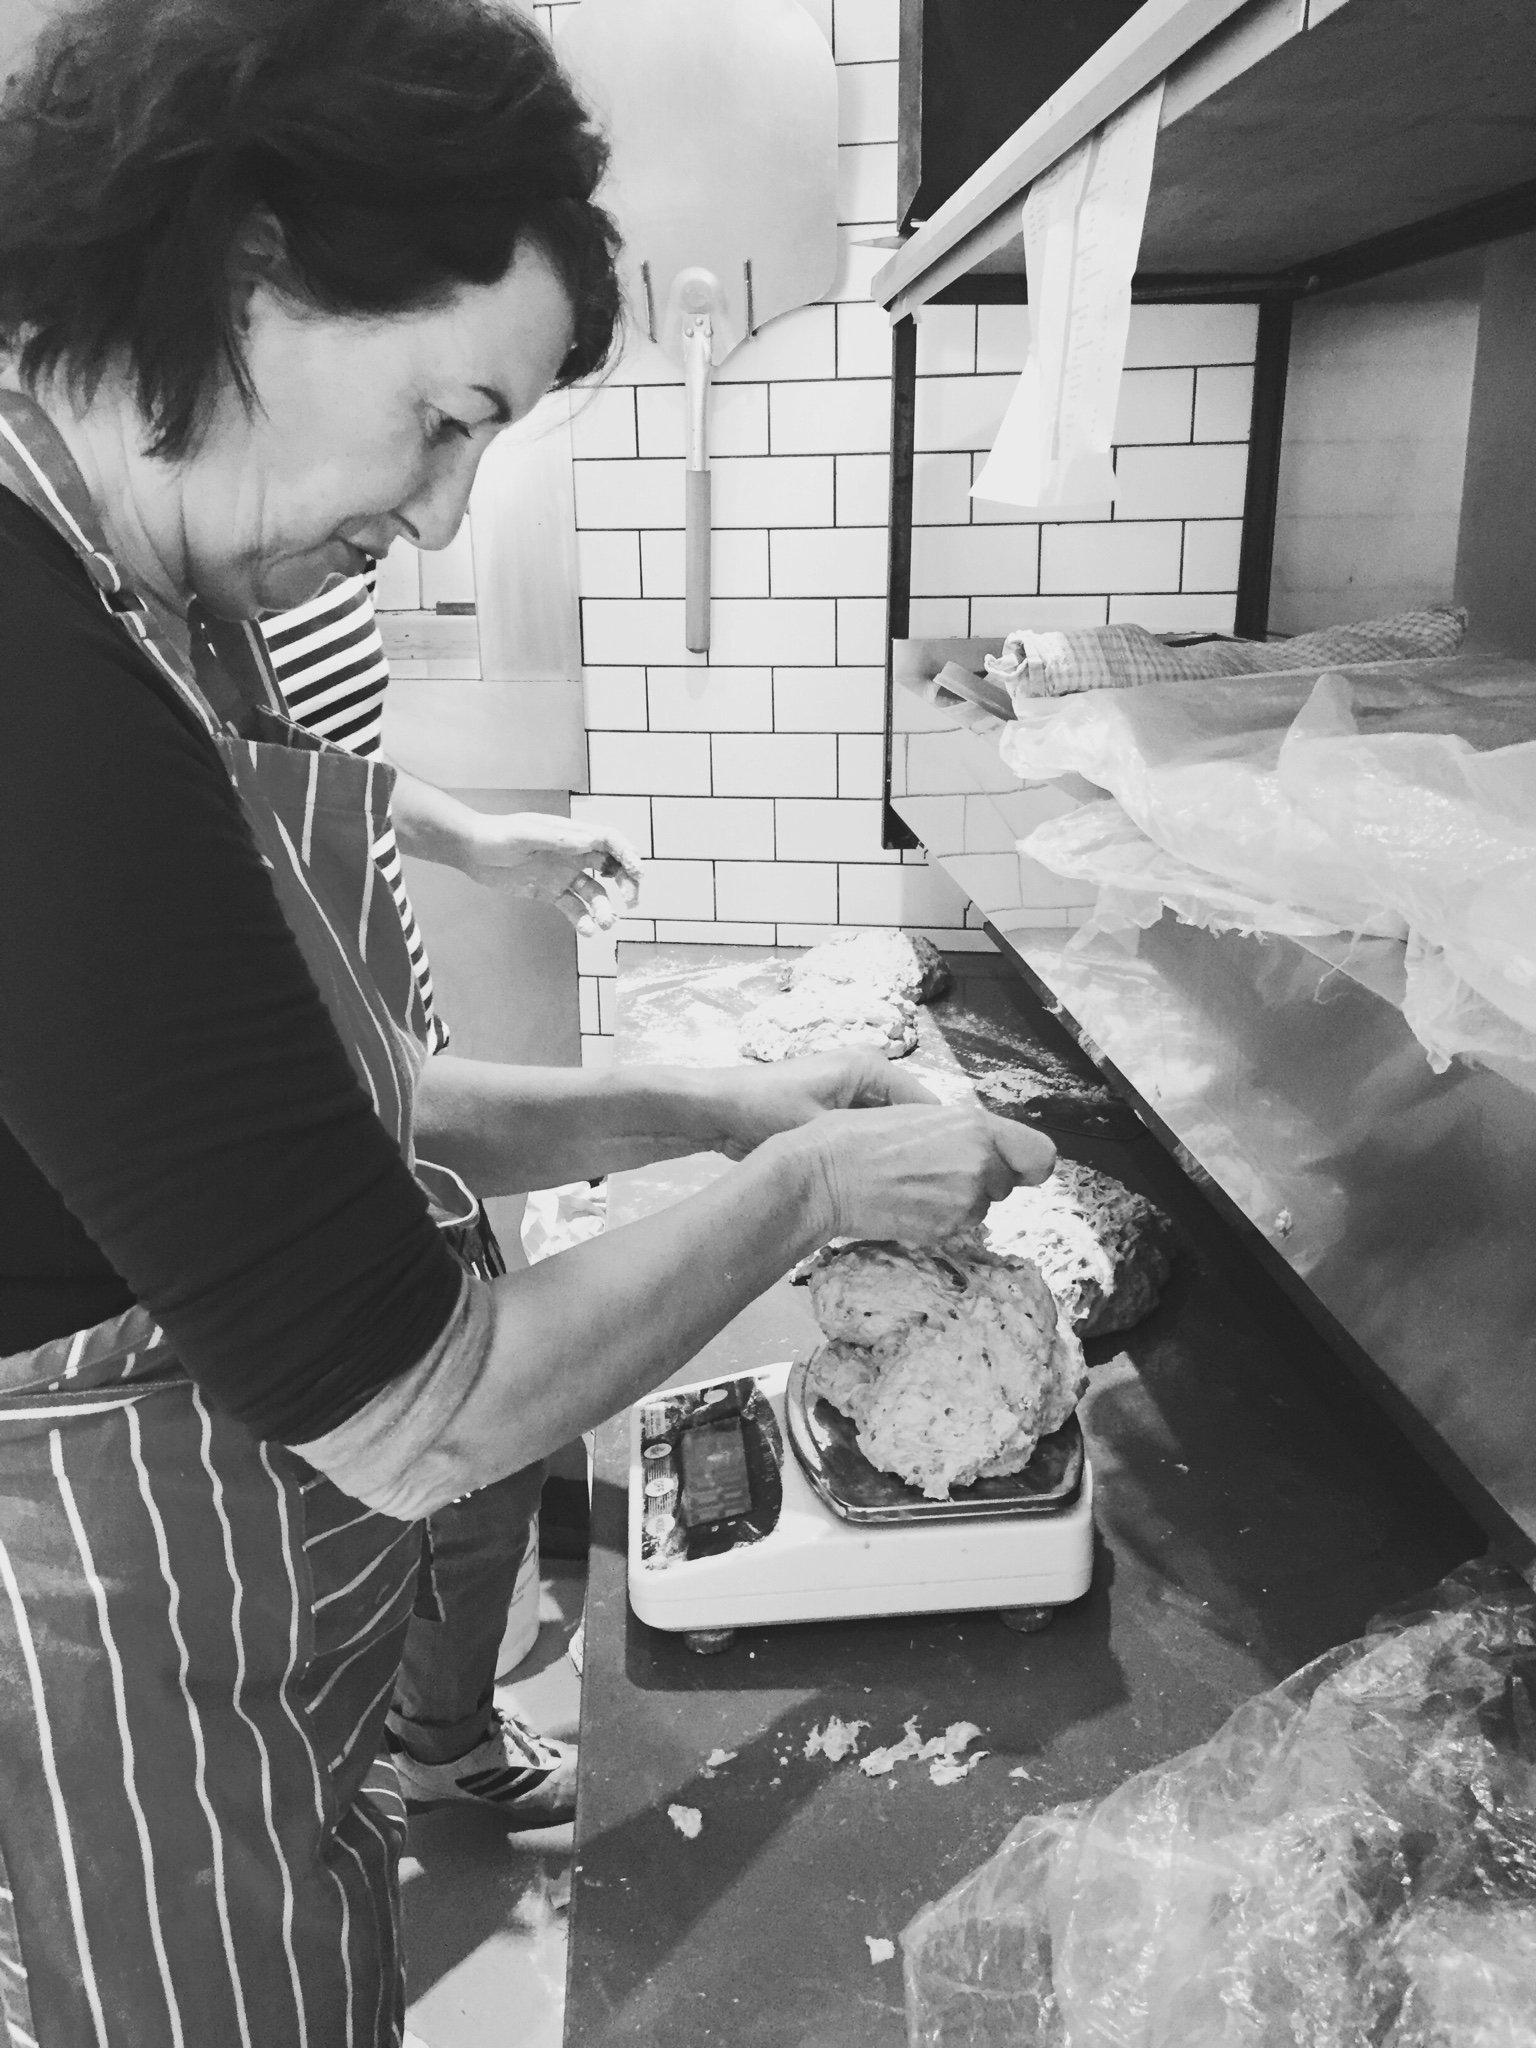 volunteer bakers